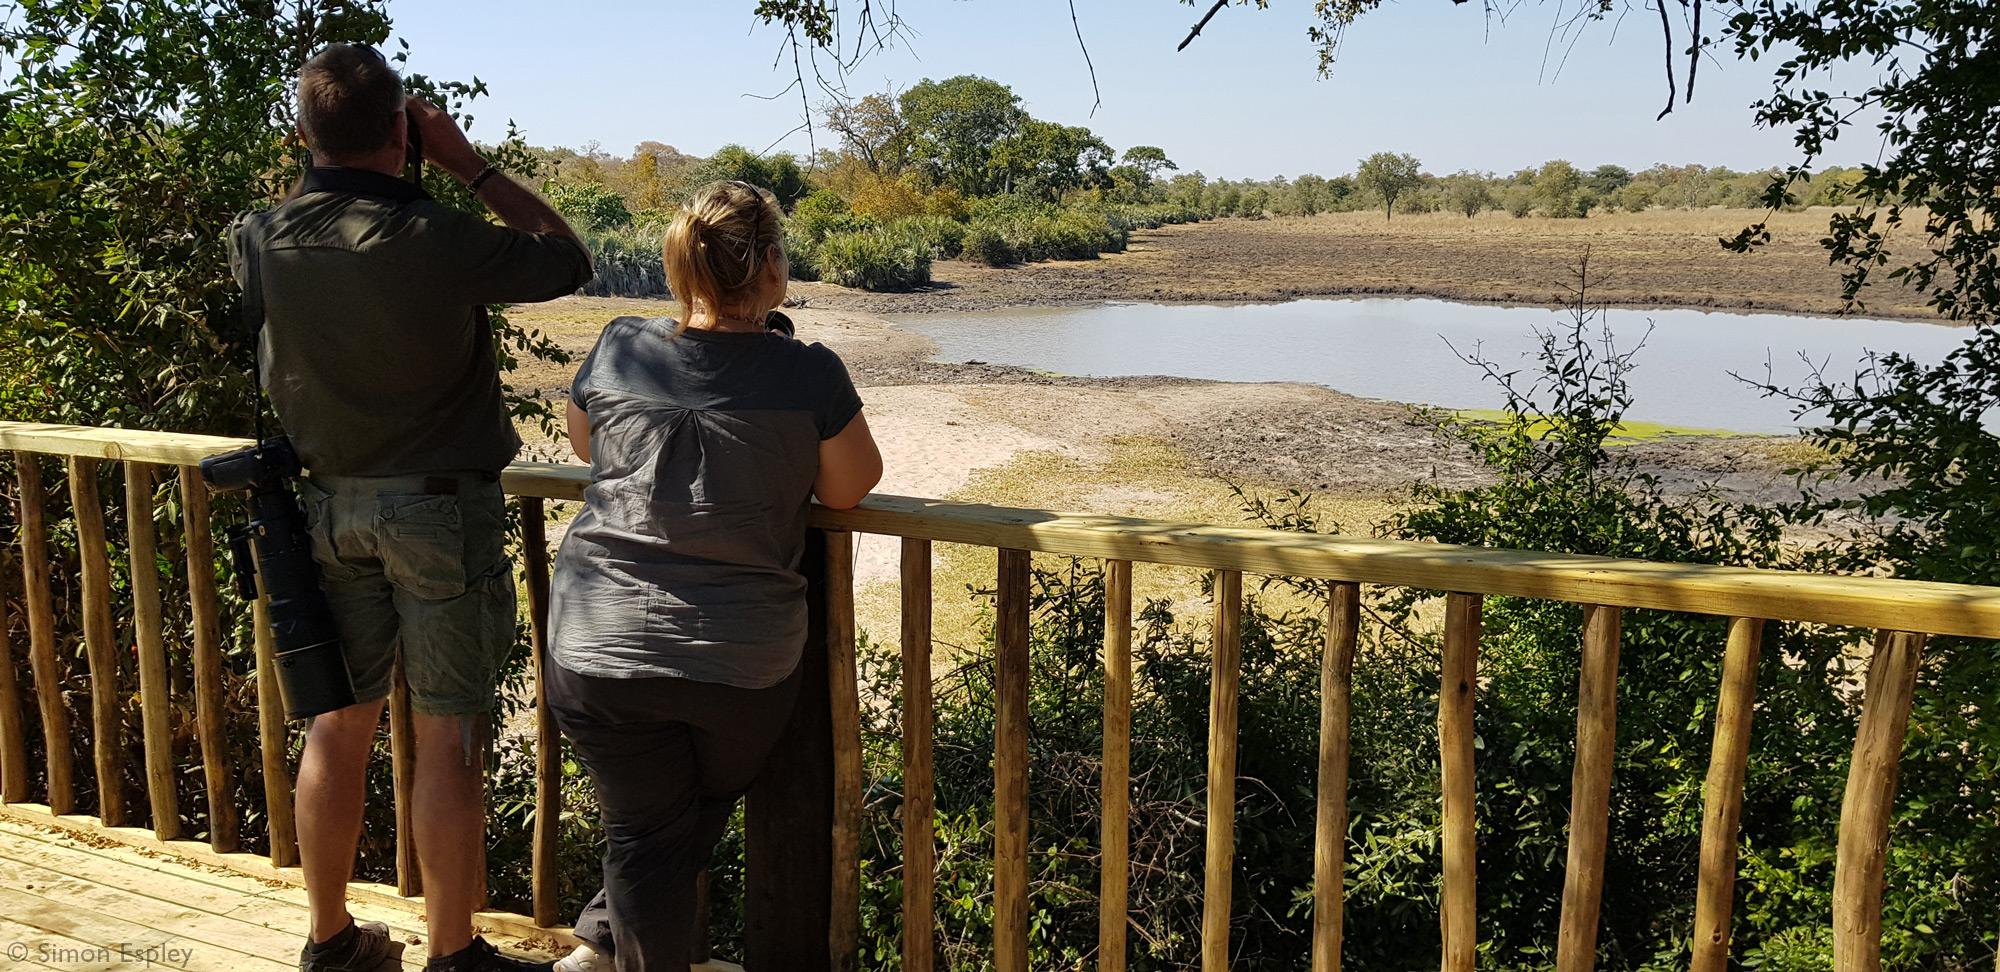 Two people viewing wildlife at Malugwe Pan, Zimbabwe